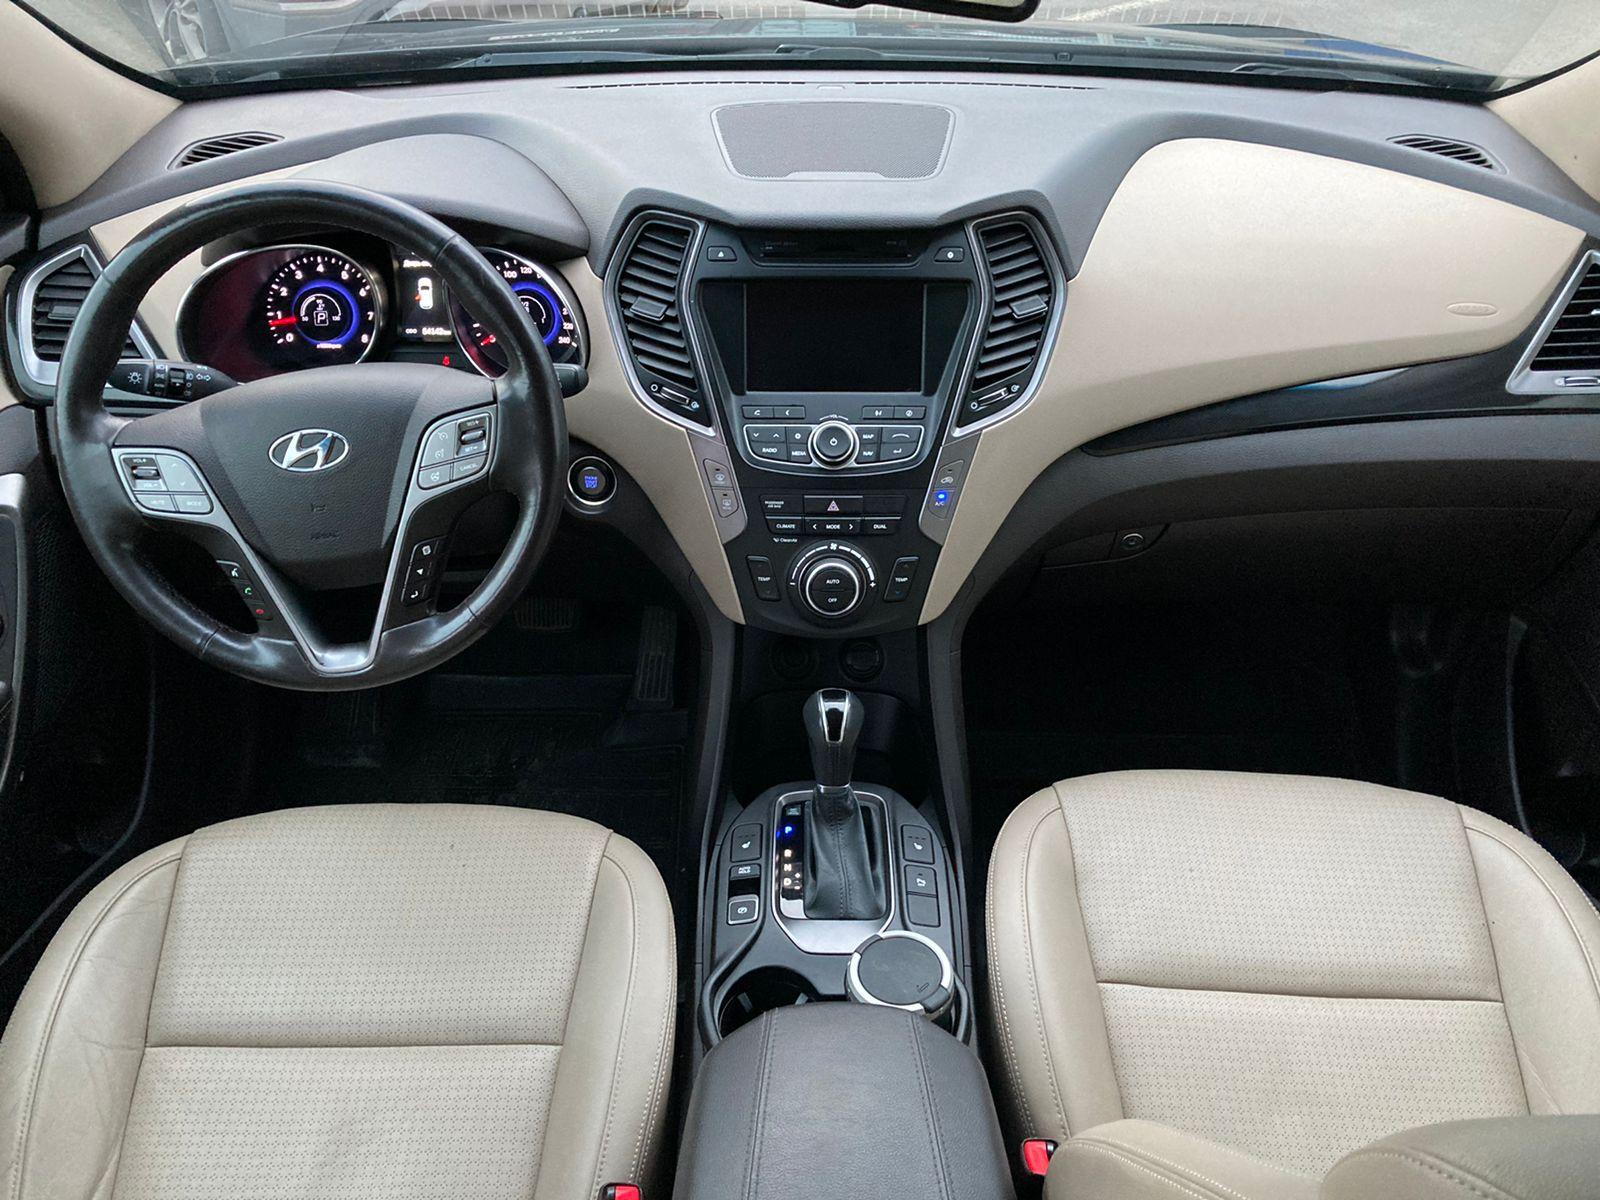 Hyundai Santa Fe Внедорожник (2013г.)